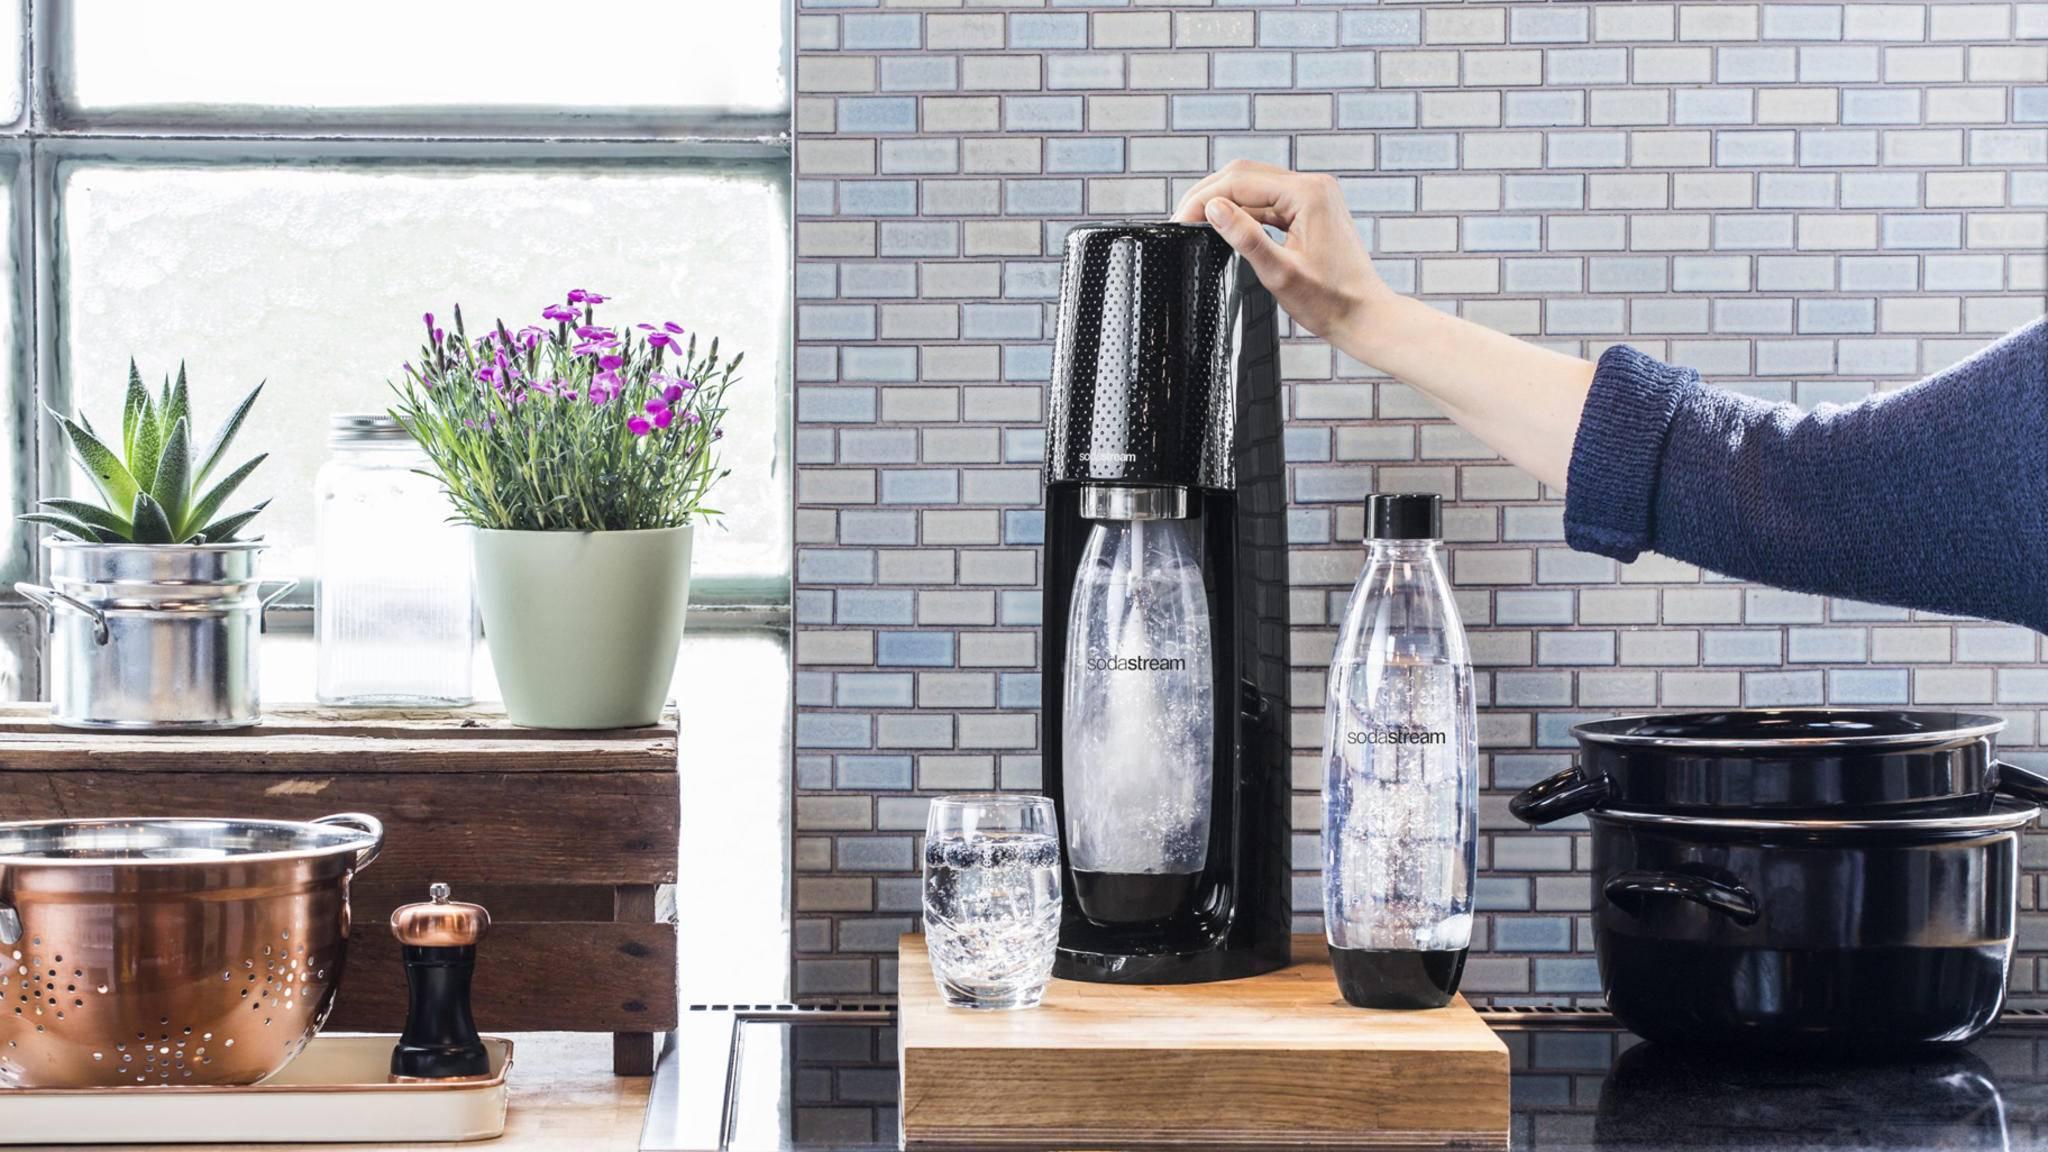 Trinkwassersprudler sind eine umweltfreundliche Alternative zu Flaschenwasser.